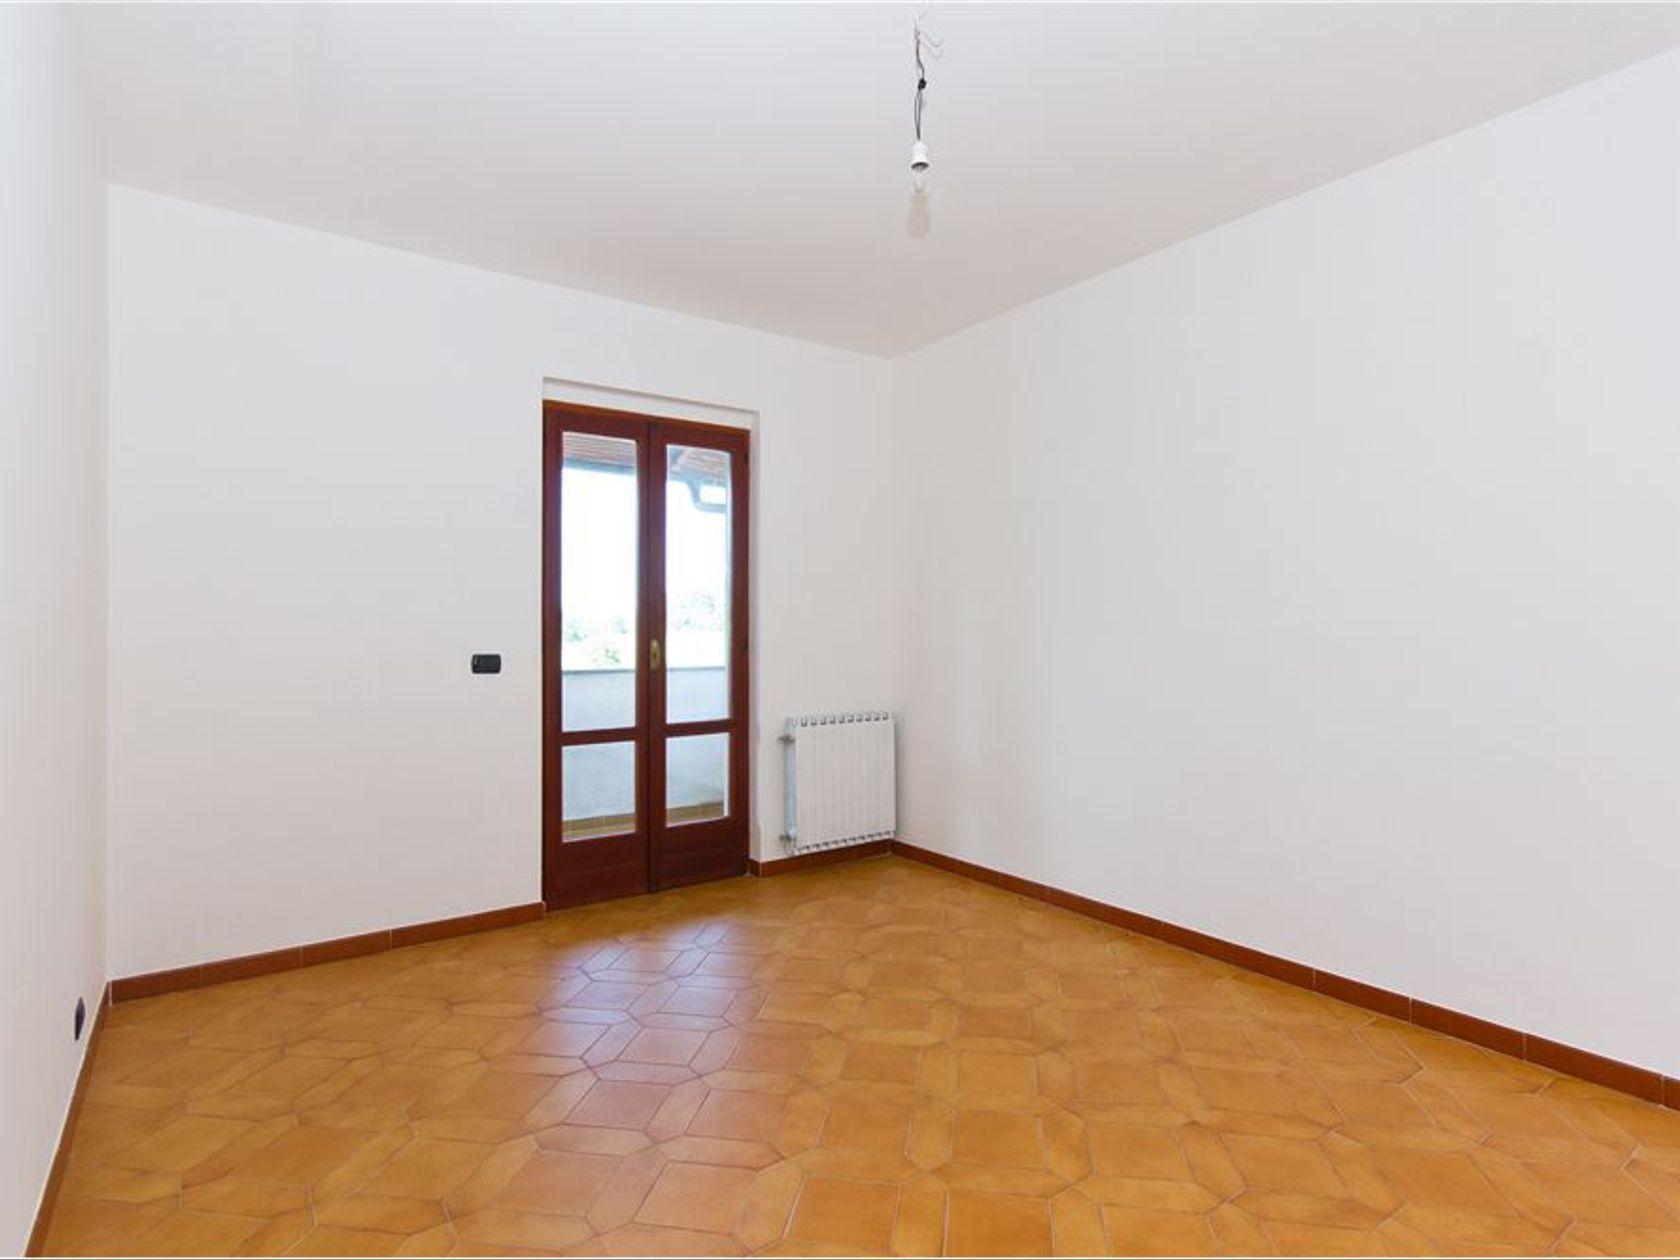 Appartamento Rosta, TO Vendita - Foto 20